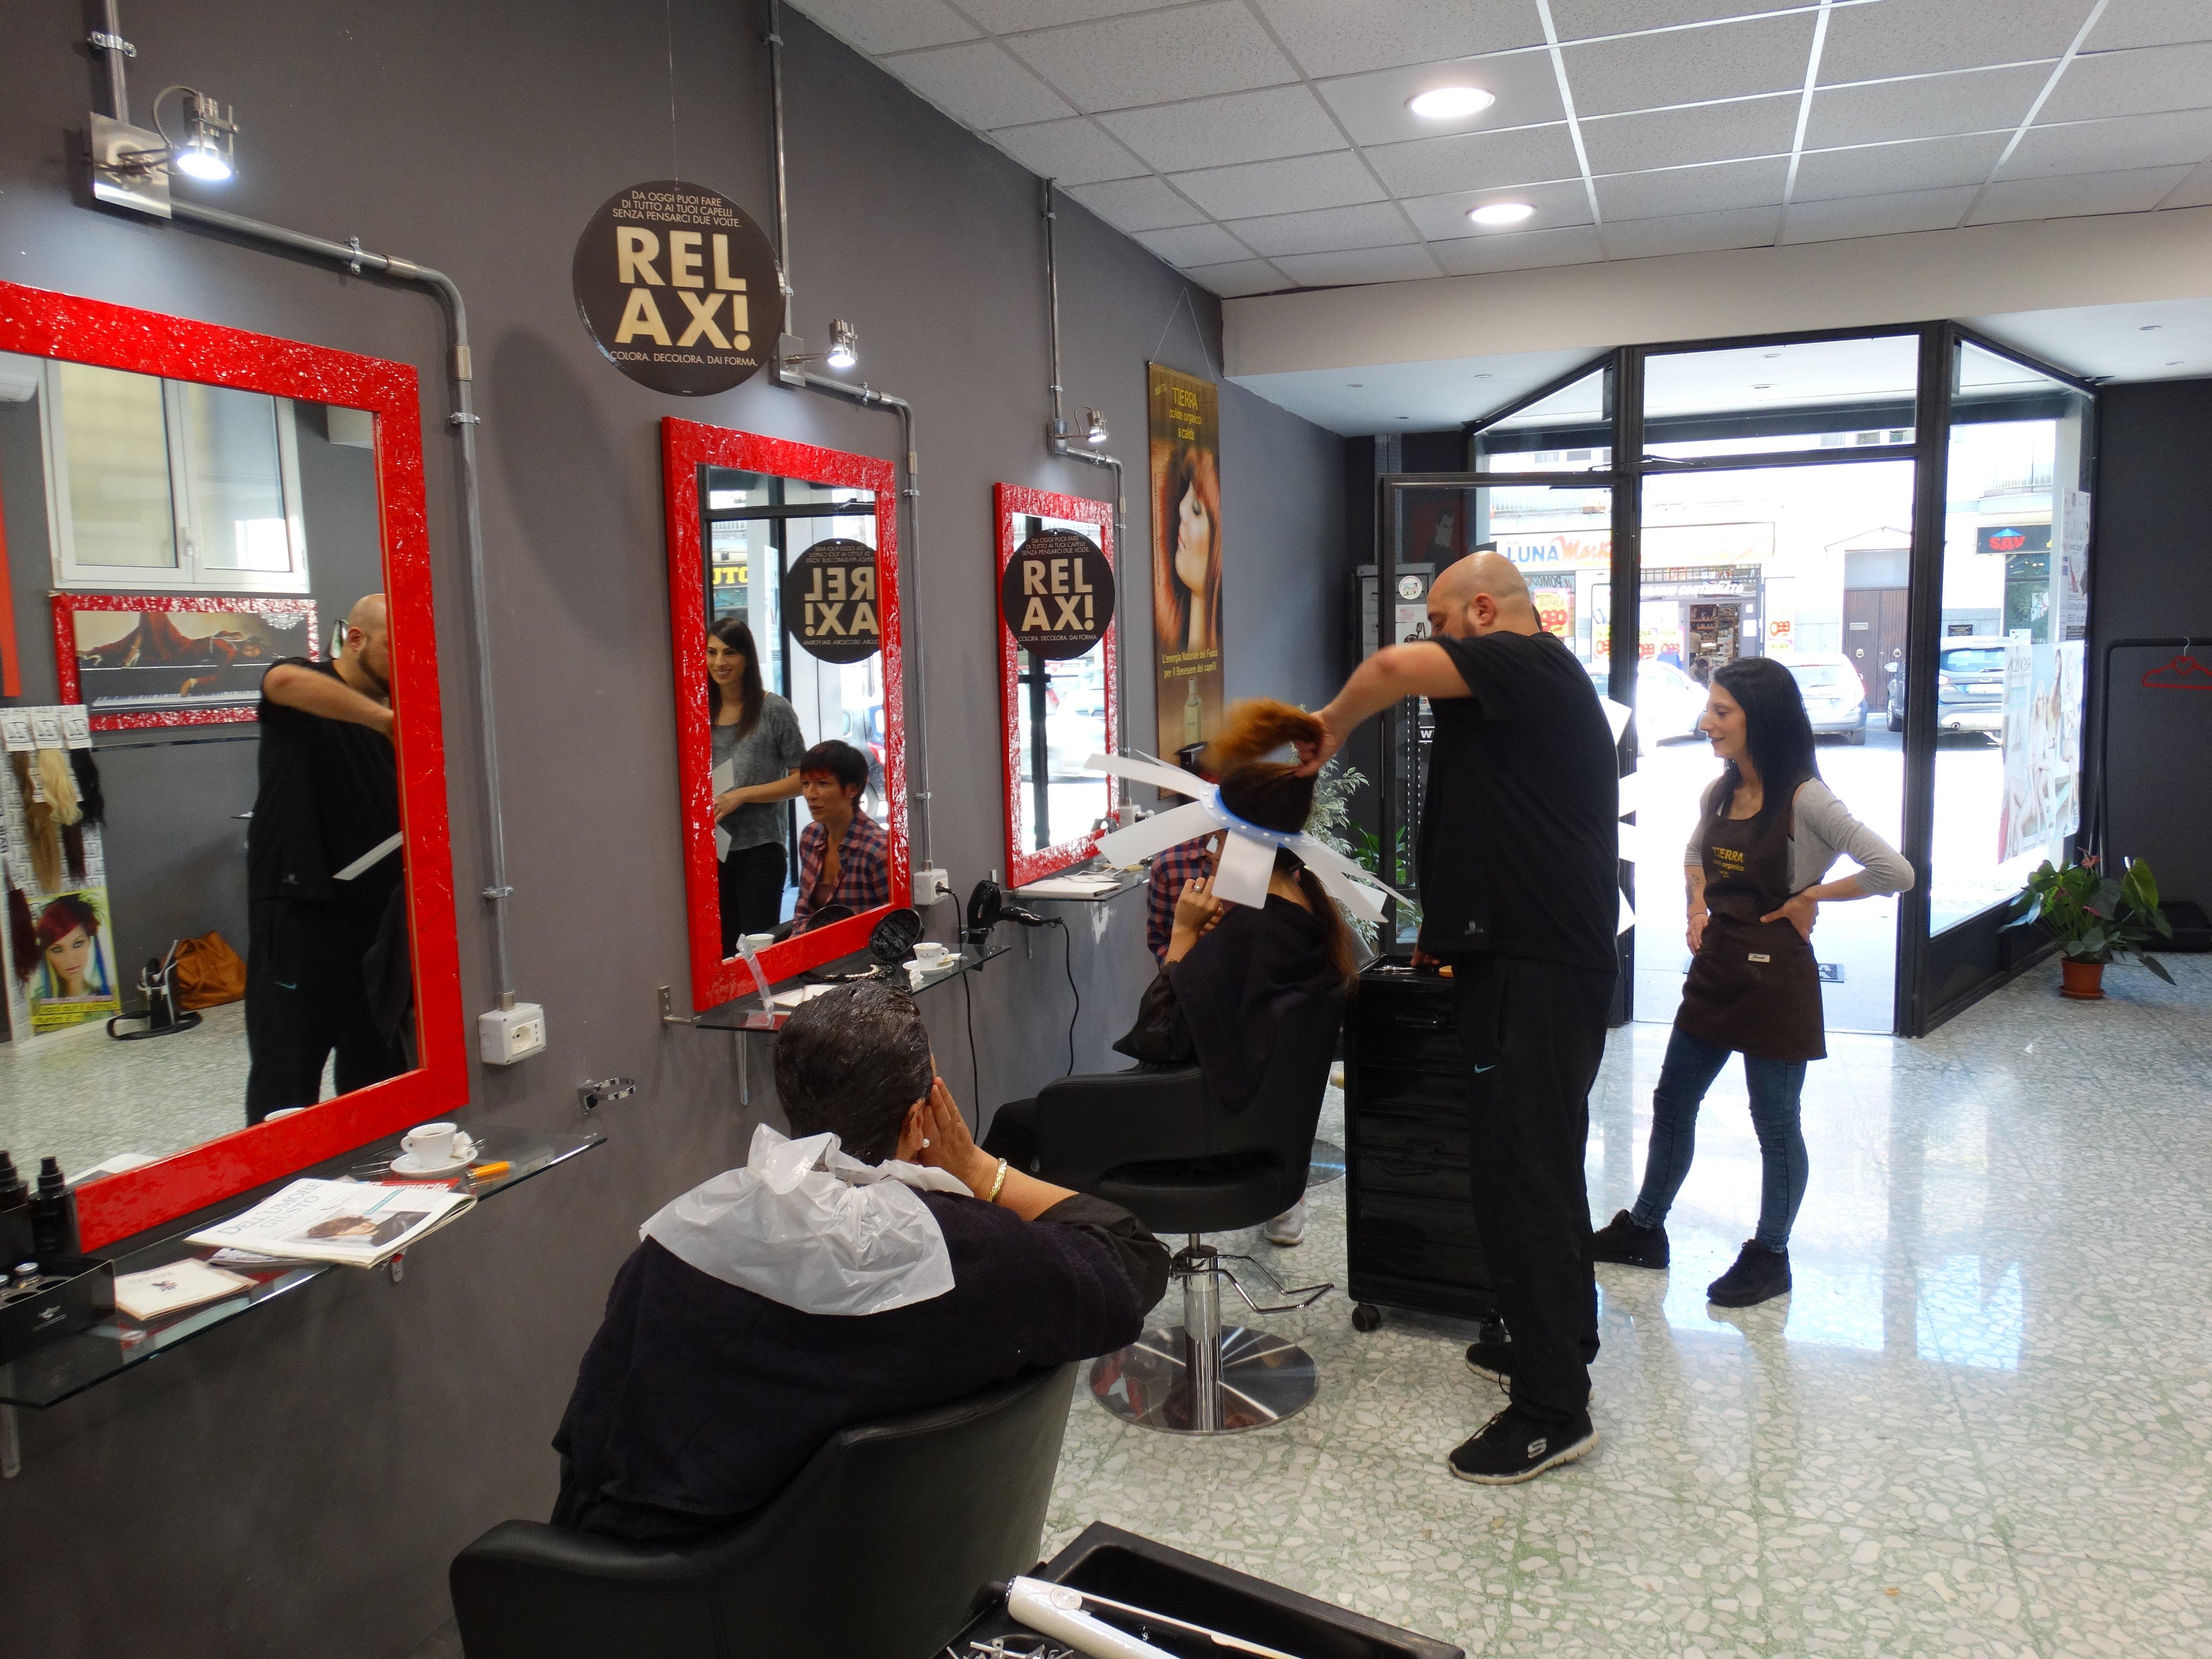 Interno dei locali del parrucchiere Testa a Testa di Valmontone